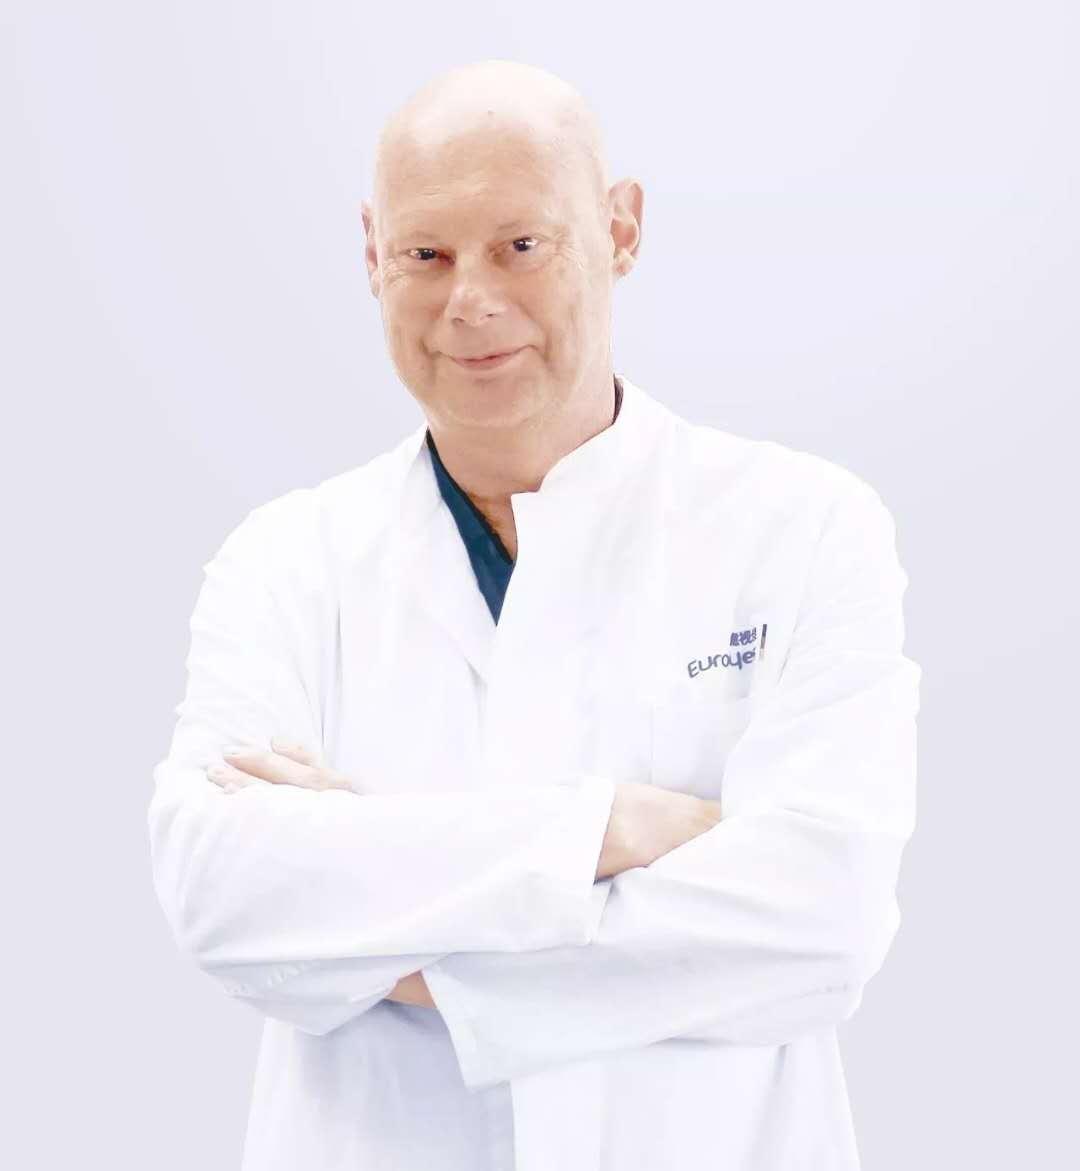 格兰·赫尔加森教授